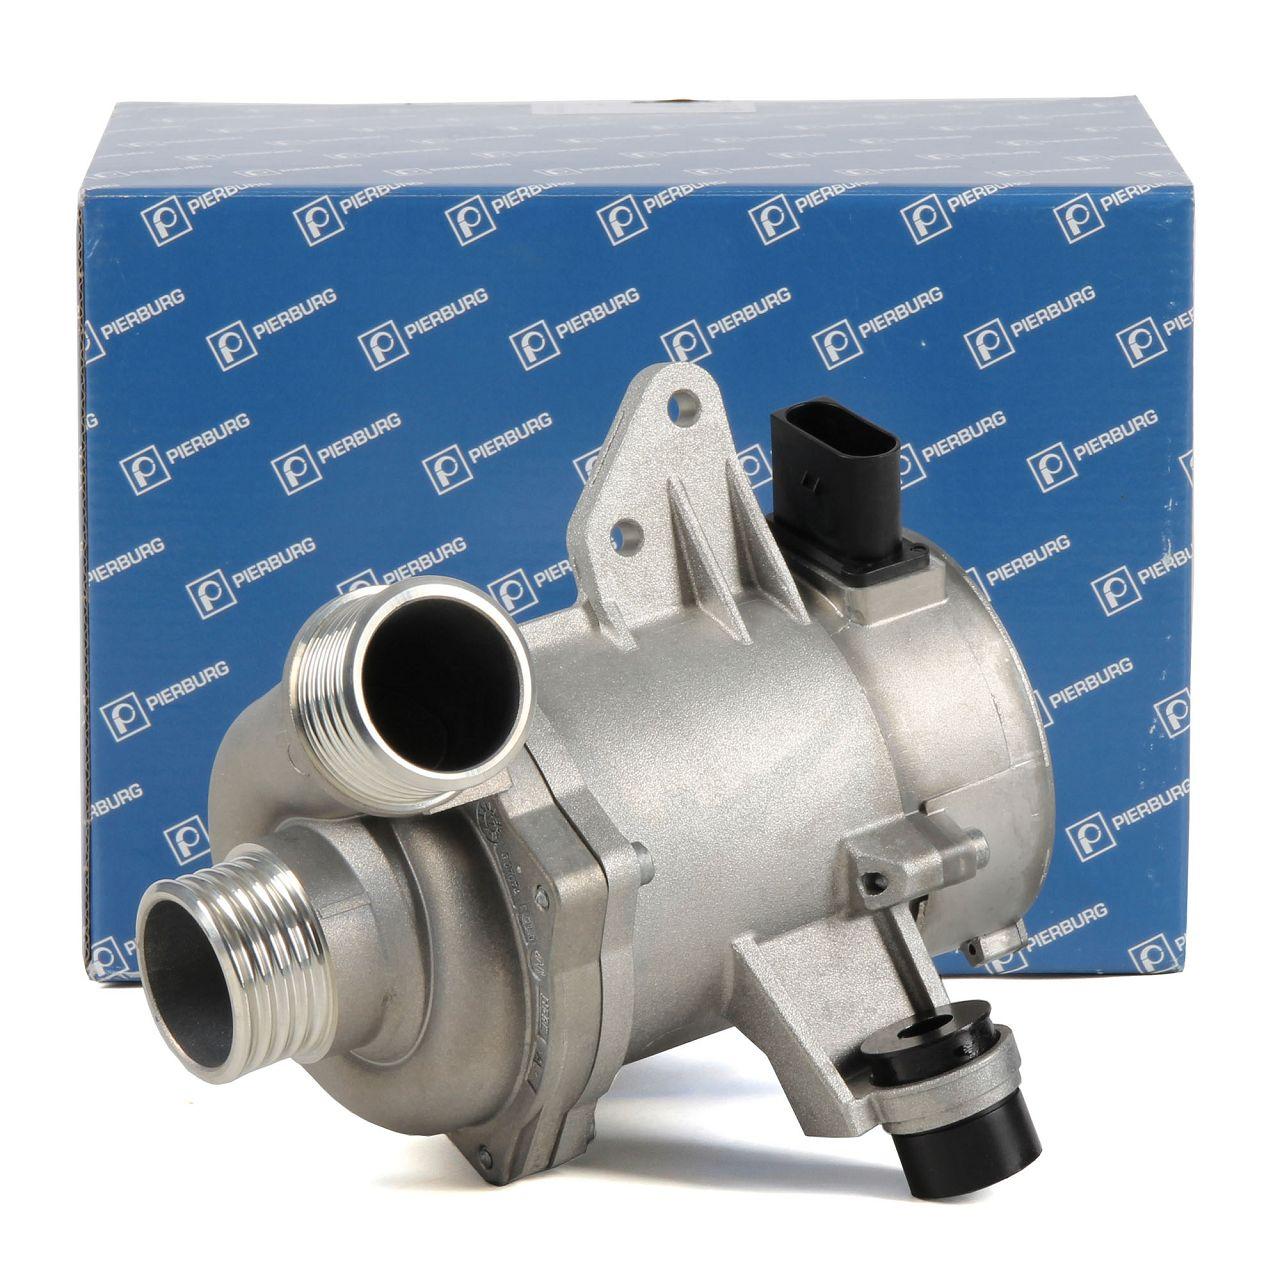 PIERBURG Wasserpumpe für BMW 1er E81-88 3er E90-93 5er E60-61 7er F01-04 Z4 E89